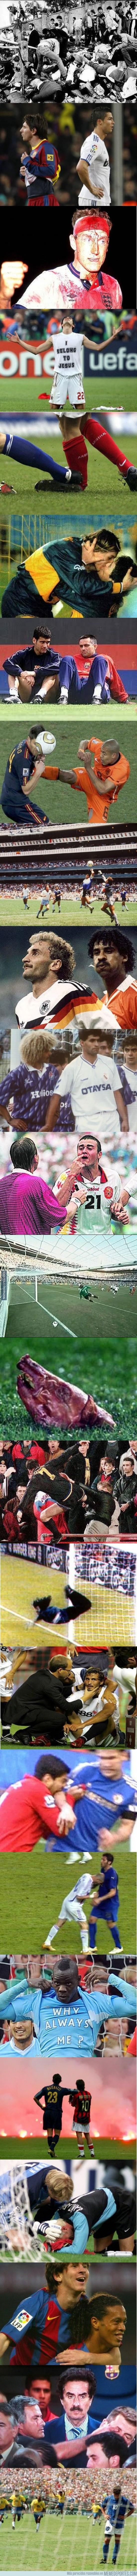 220143 - Las 25 imágenes más impactantes de la historia del fútbol